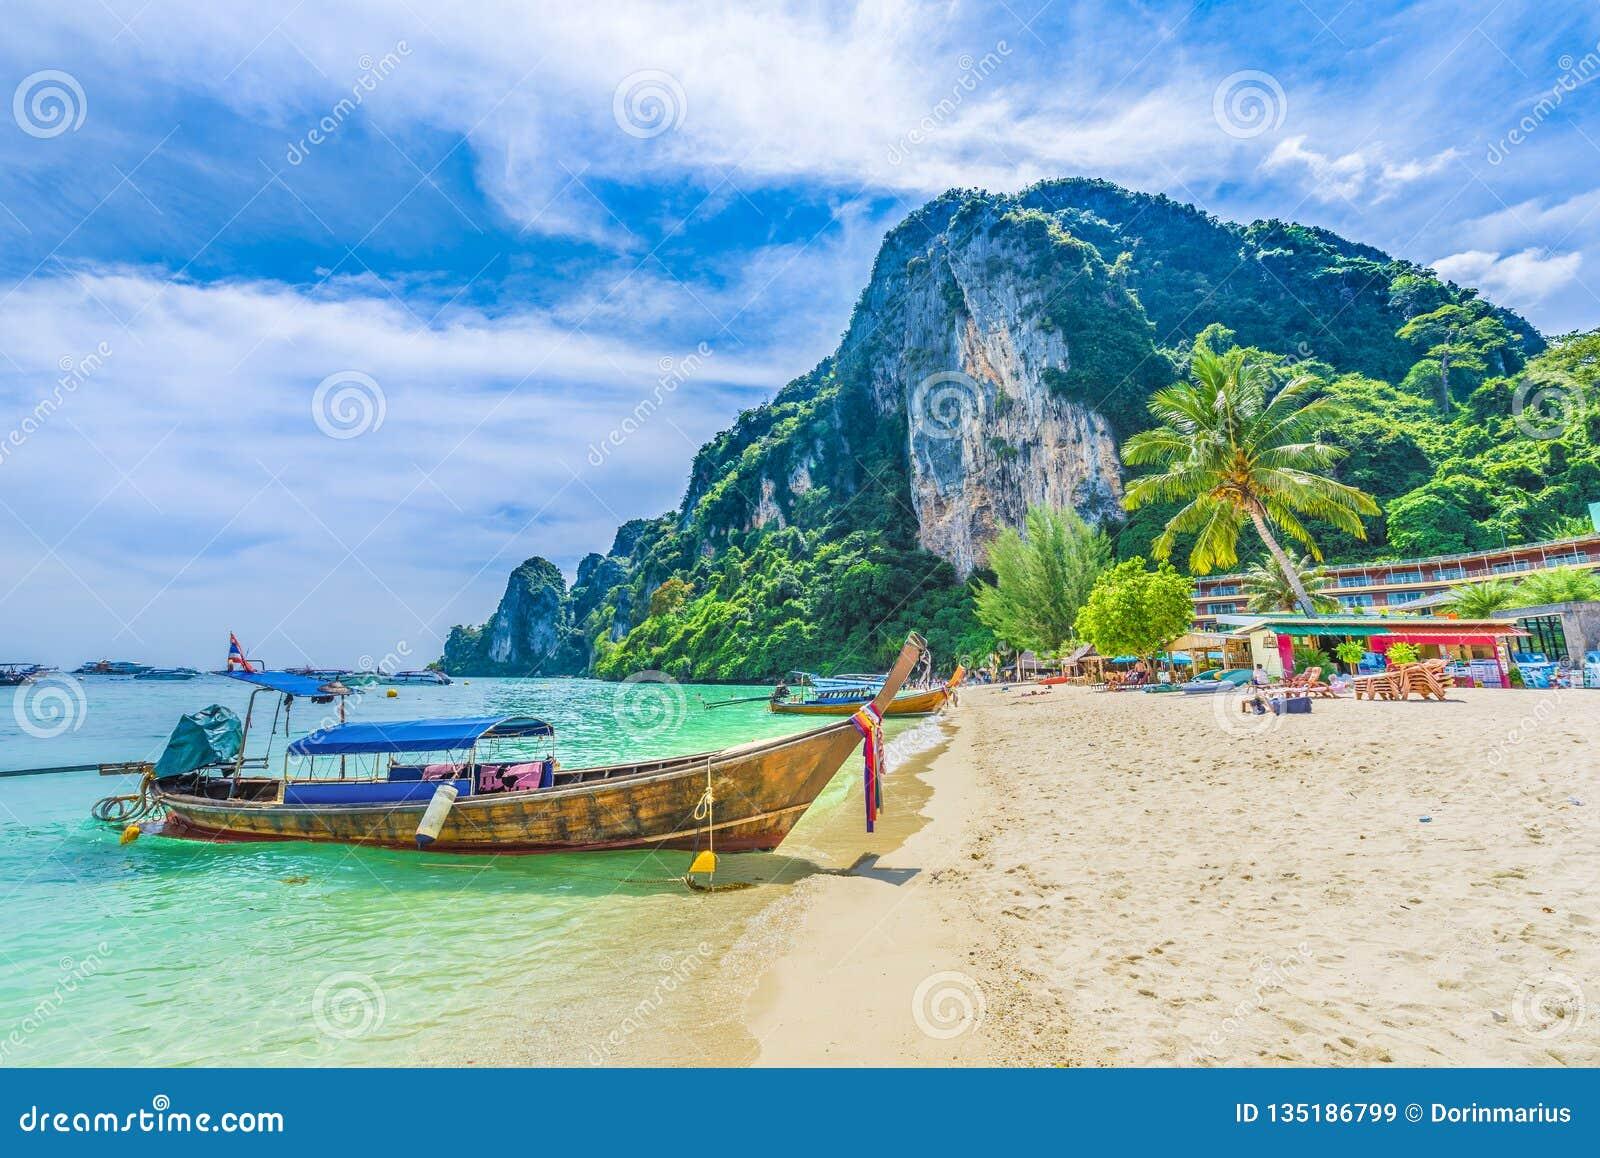 Παραλία Tonsai με τις παραδοσιακές βάρκες longtail που σταθμεύουν Phi Phi στο νησί, επαρχία Krabi, Θάλασσα Ανταμάν, Ταϊλάνδη